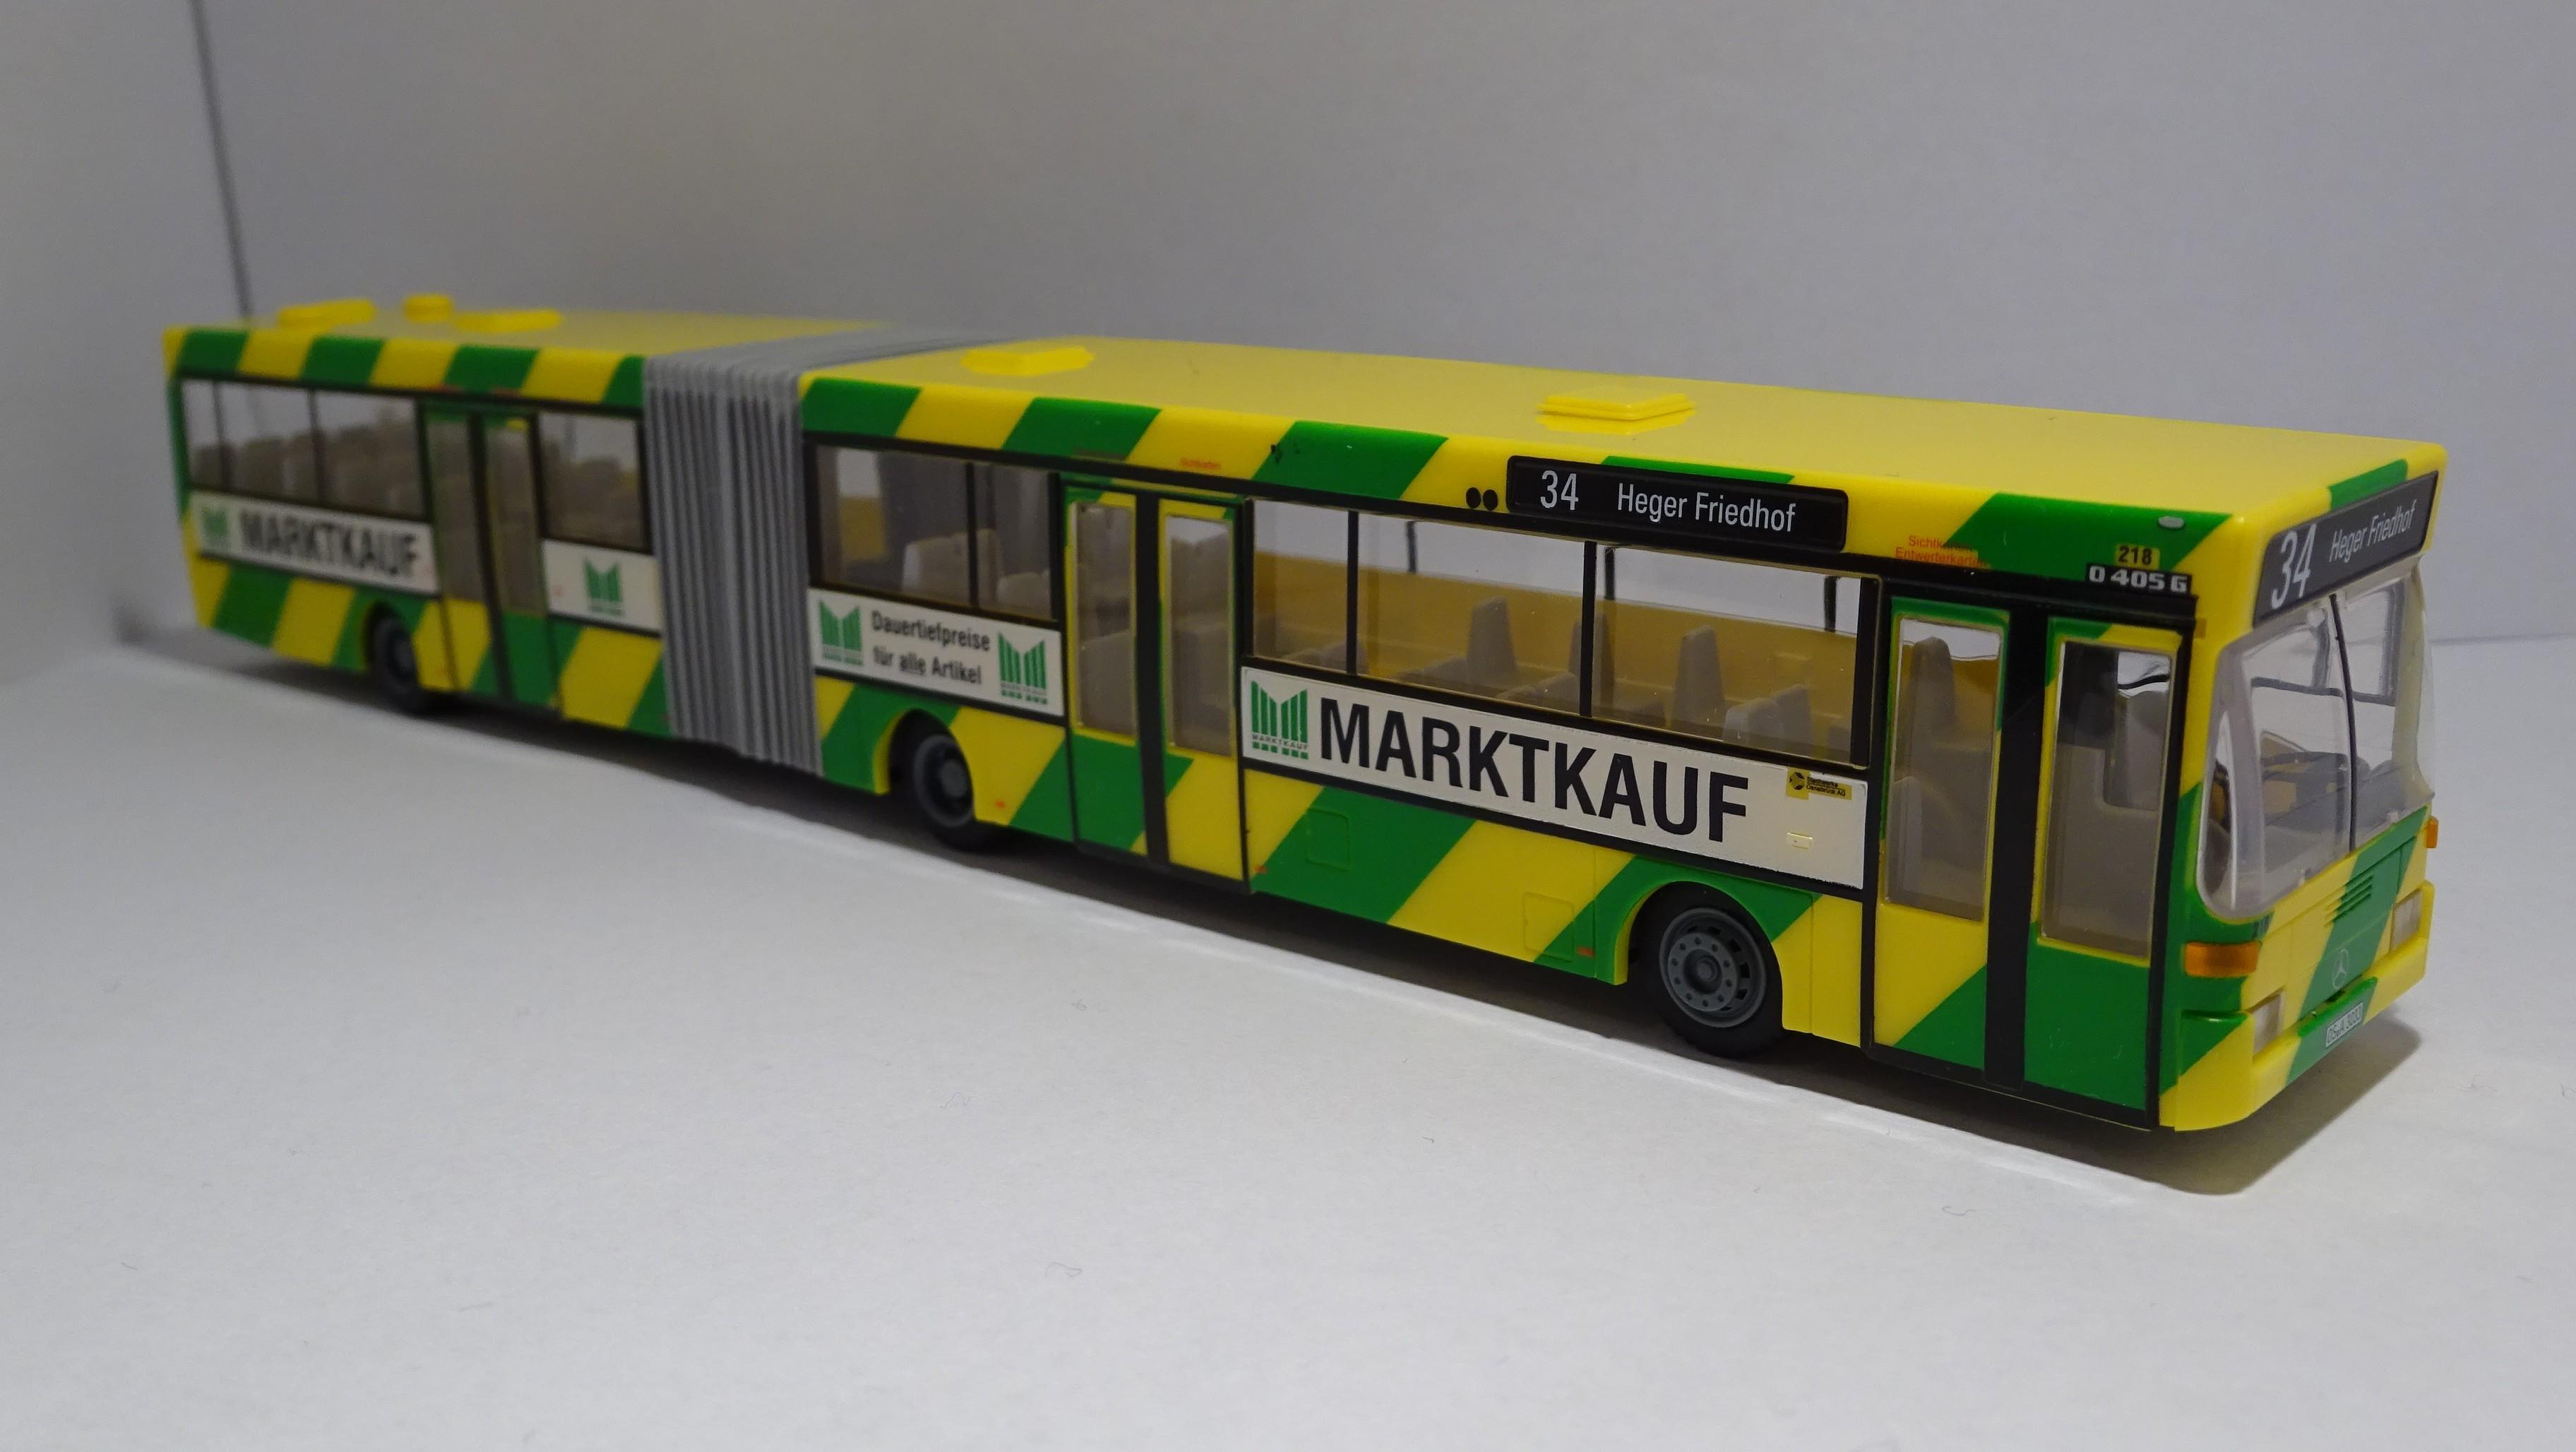 Rietze MB O 405 G Stadtwerke Osnabrück mit Marktkauf-Werbung Version 2